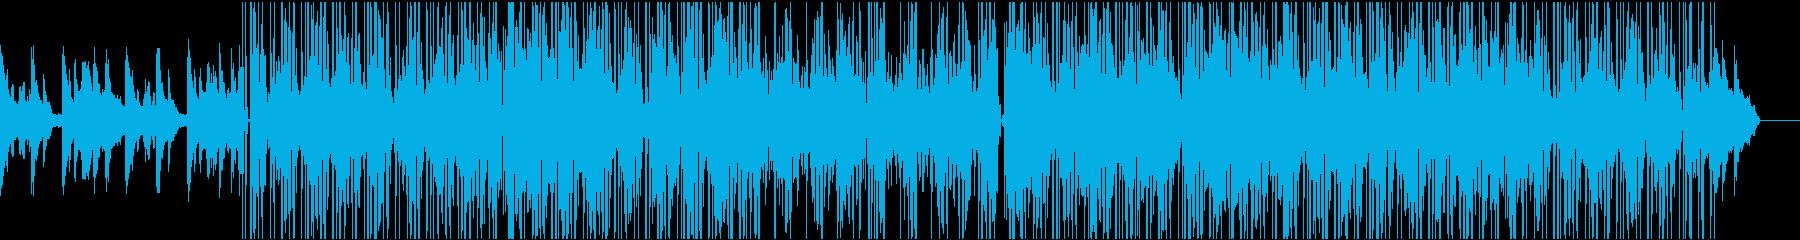 大人な雰囲気のローファイ系ヒップホップの再生済みの波形